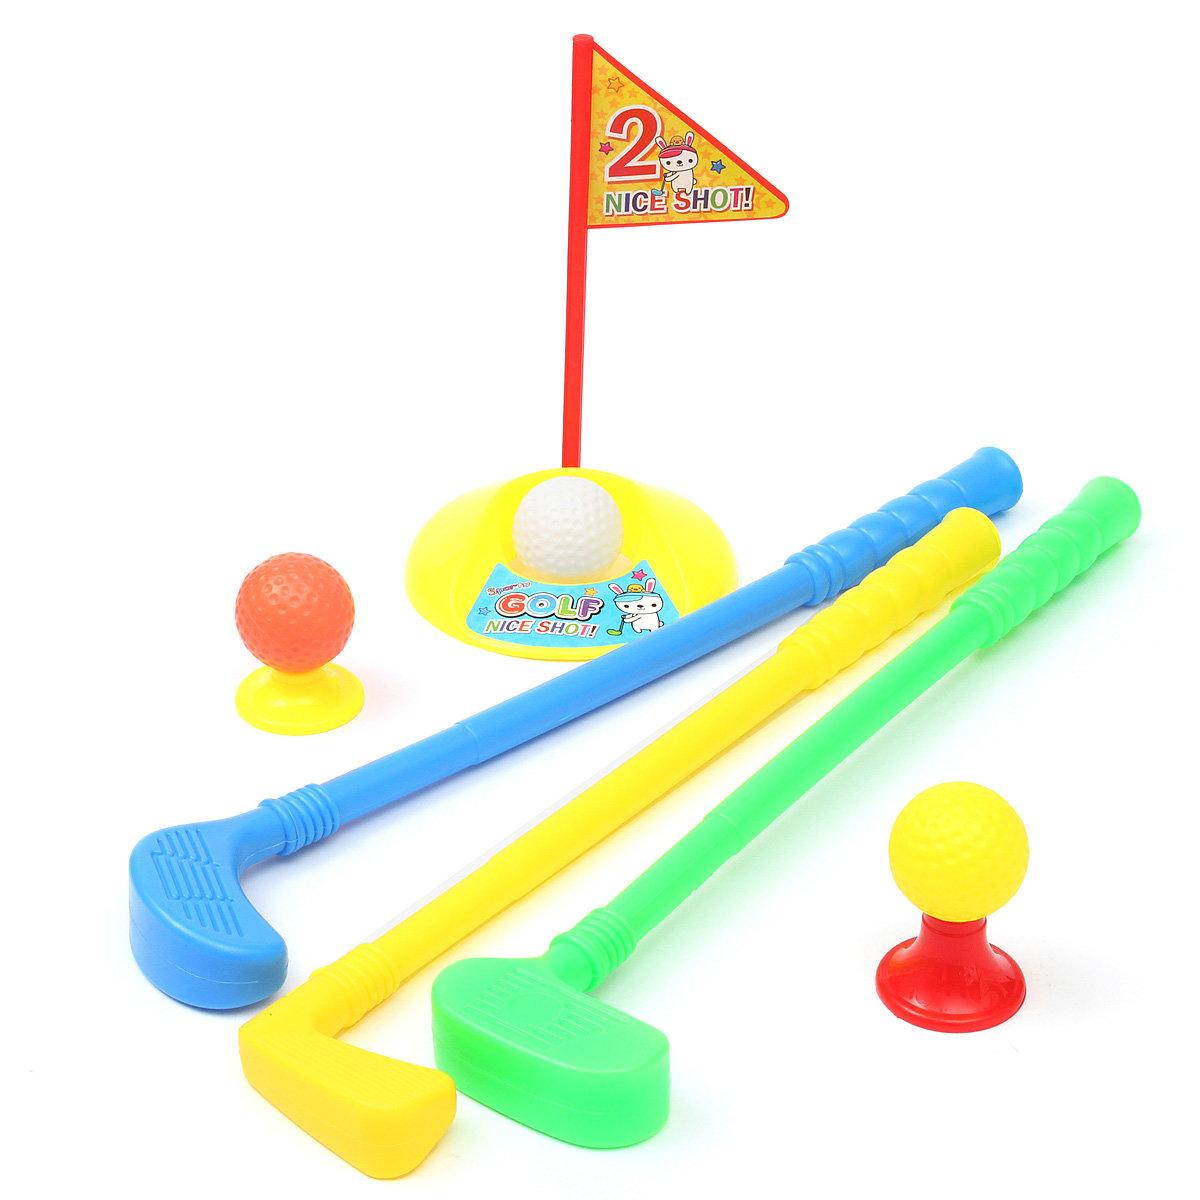 Conjunto de plástico 3 club de golf putter 2 bolas 2 poniendo taza 2 banderas 2 tees juguetes de niños